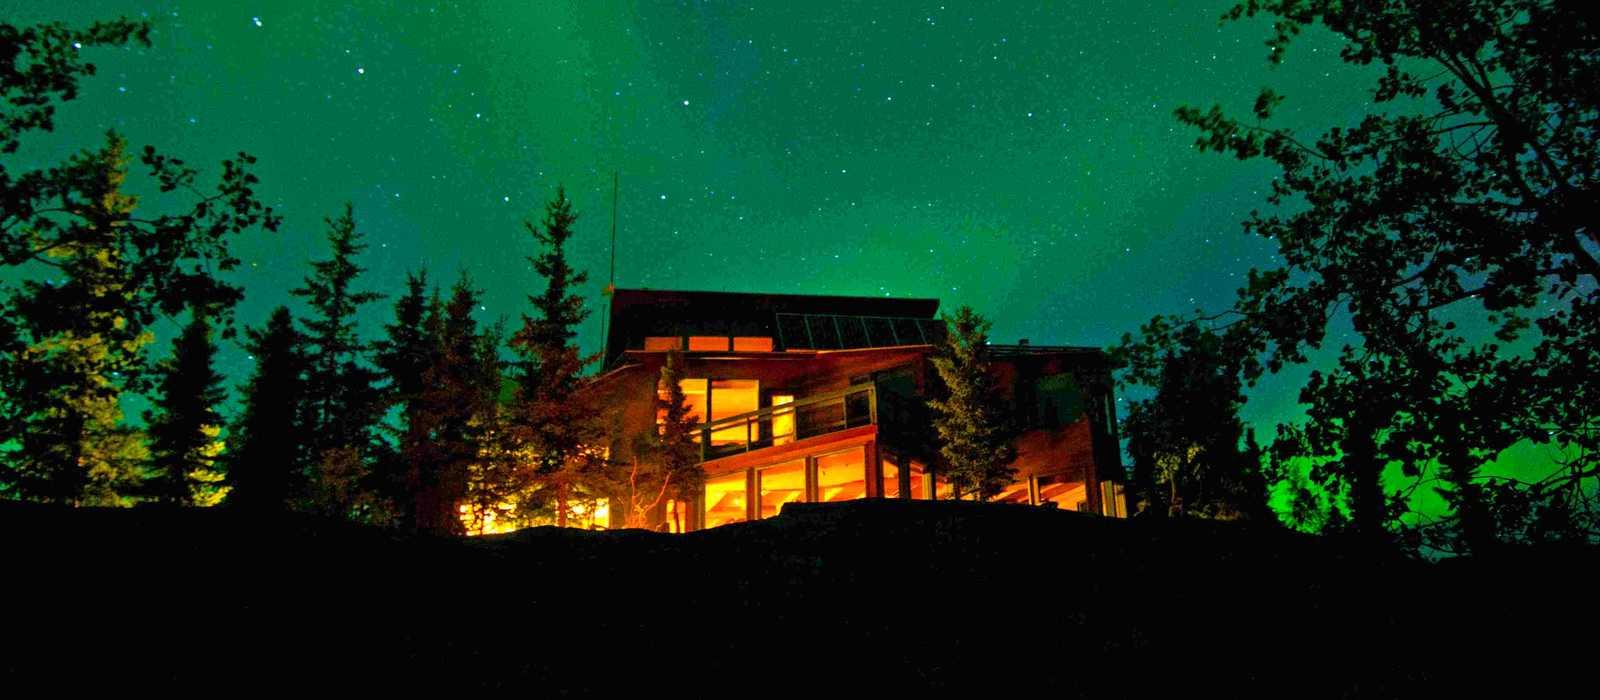 Impression North West Territories Aurora Borealis